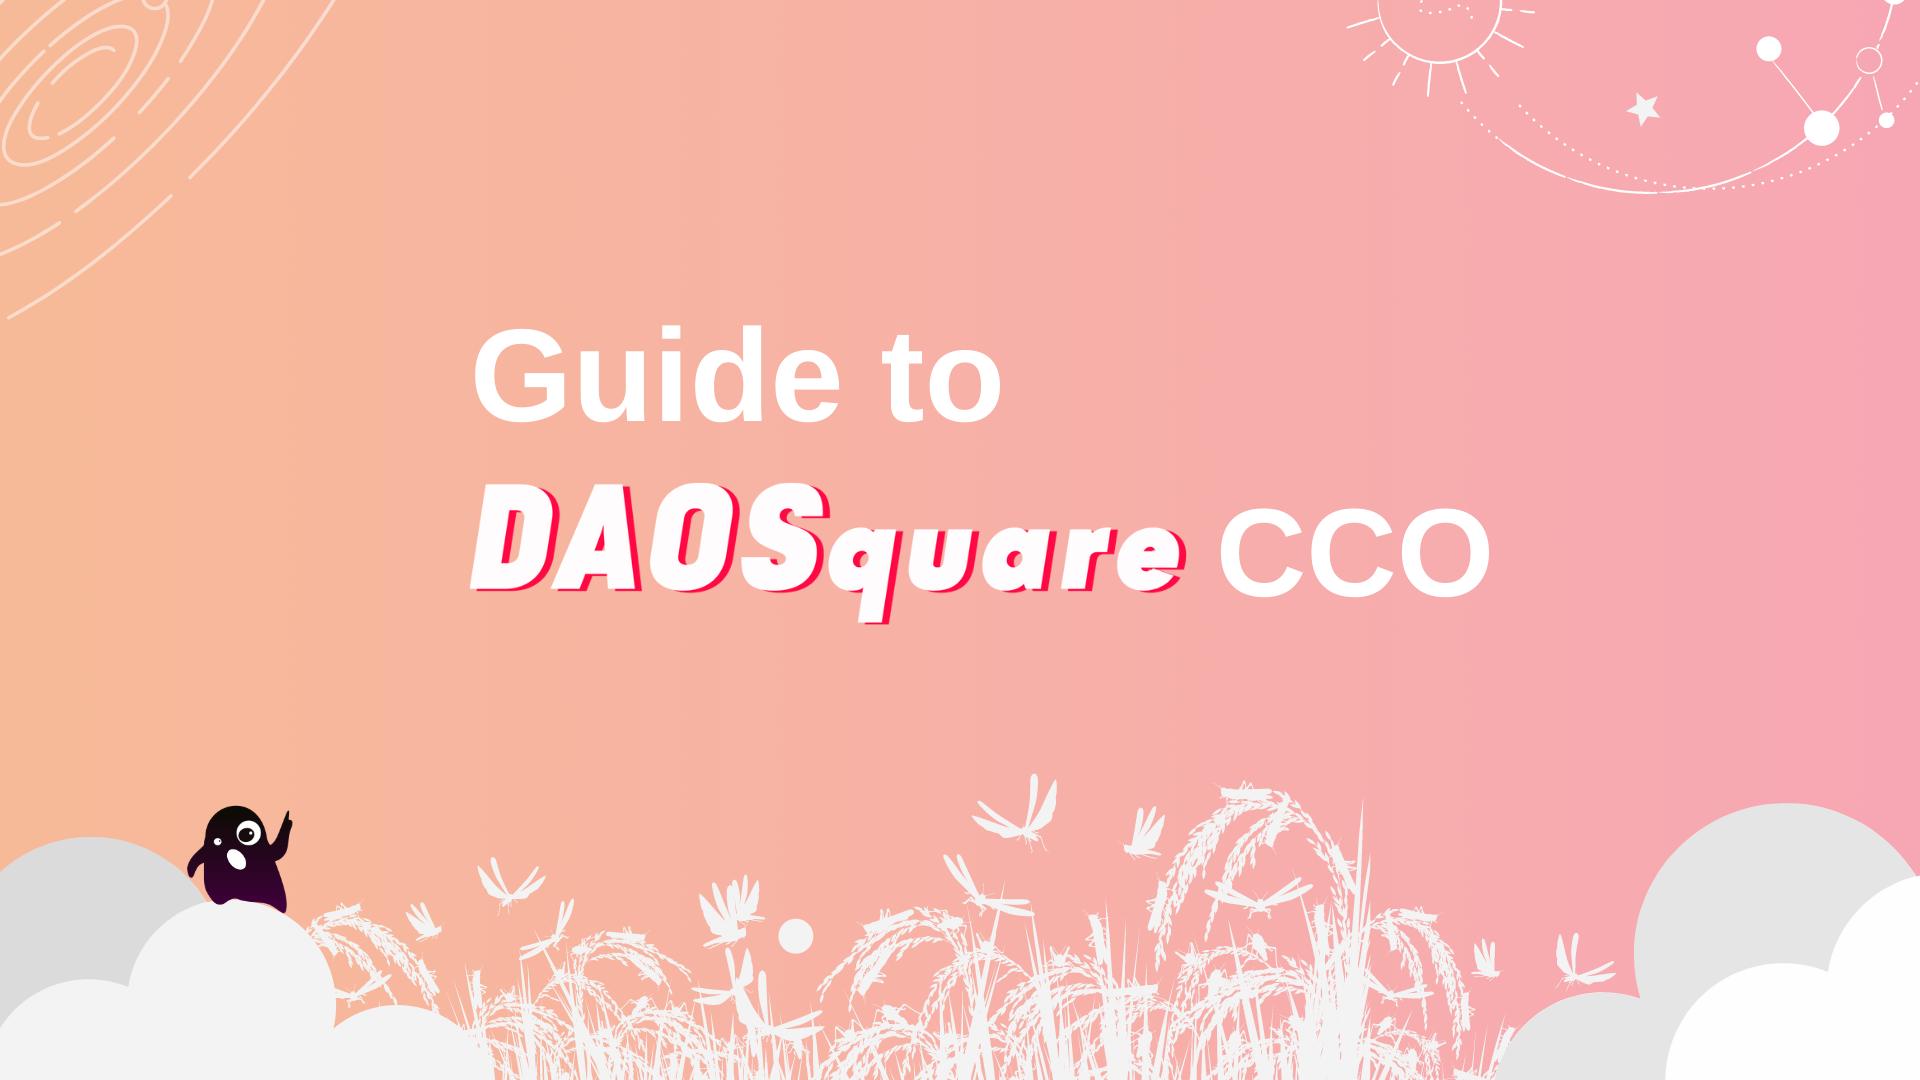 DAOSquare CCO 指南